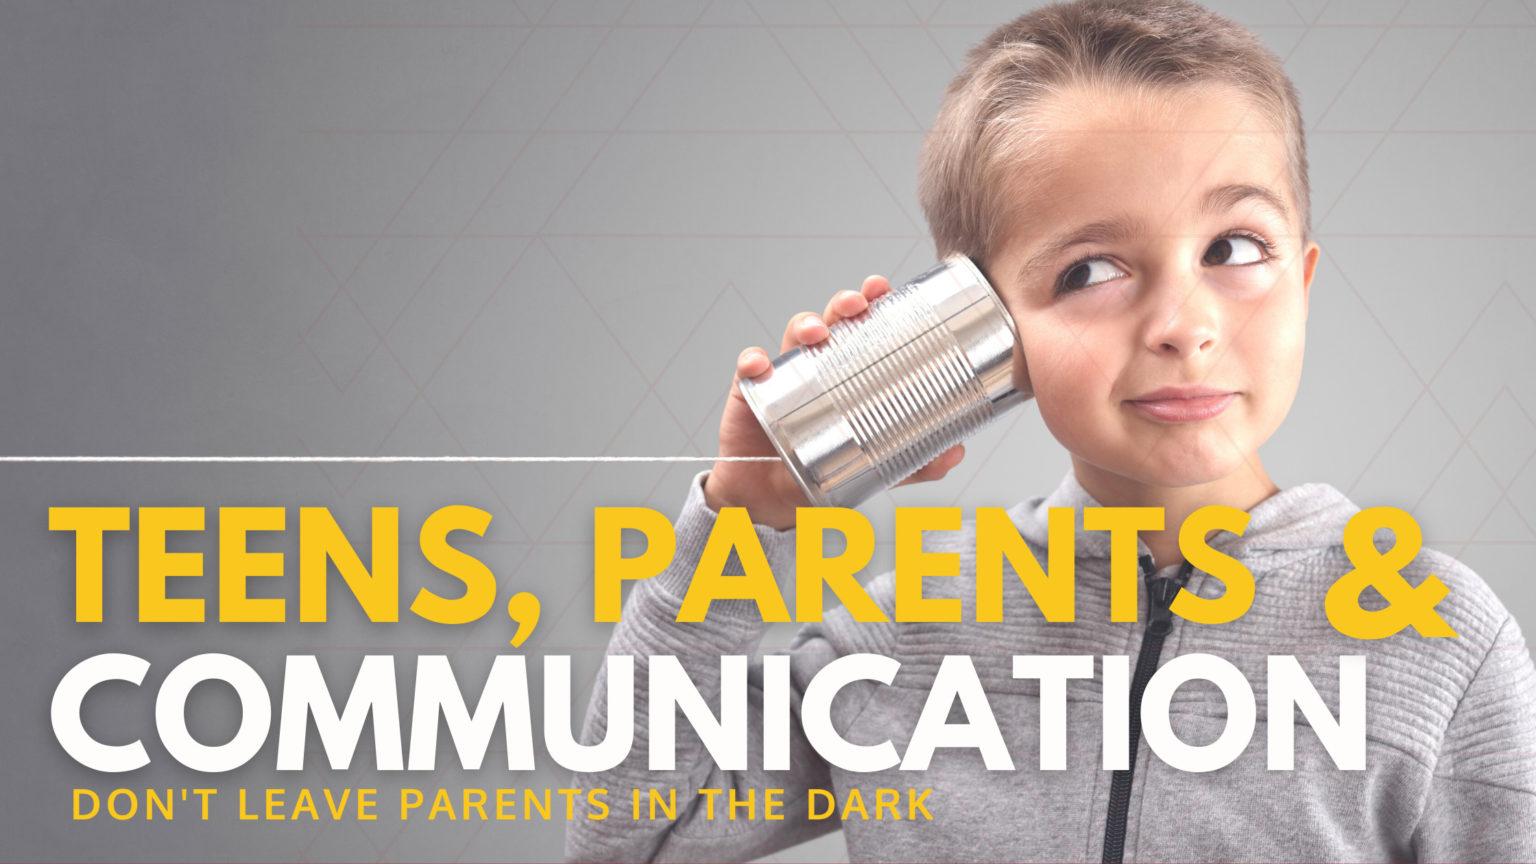 Parent communiction